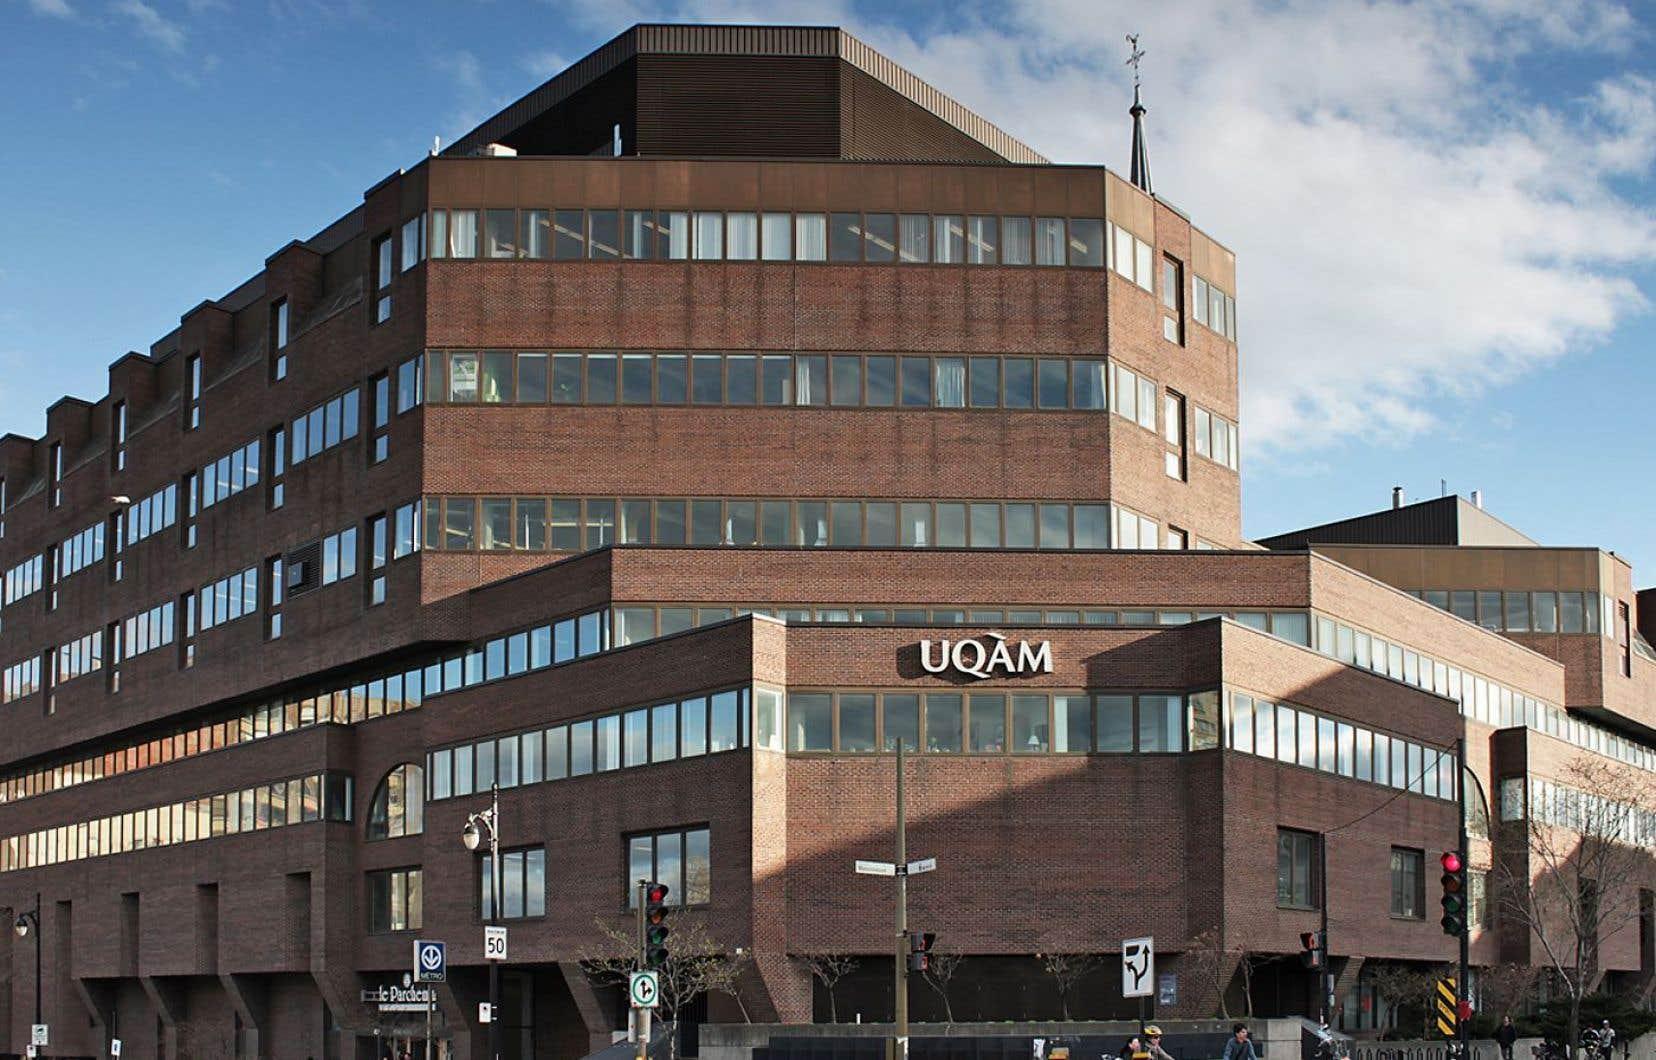 Mercredi, le juge Robert Mongeon a accordé à l'UQAM une injonction provisoire de dix jours.